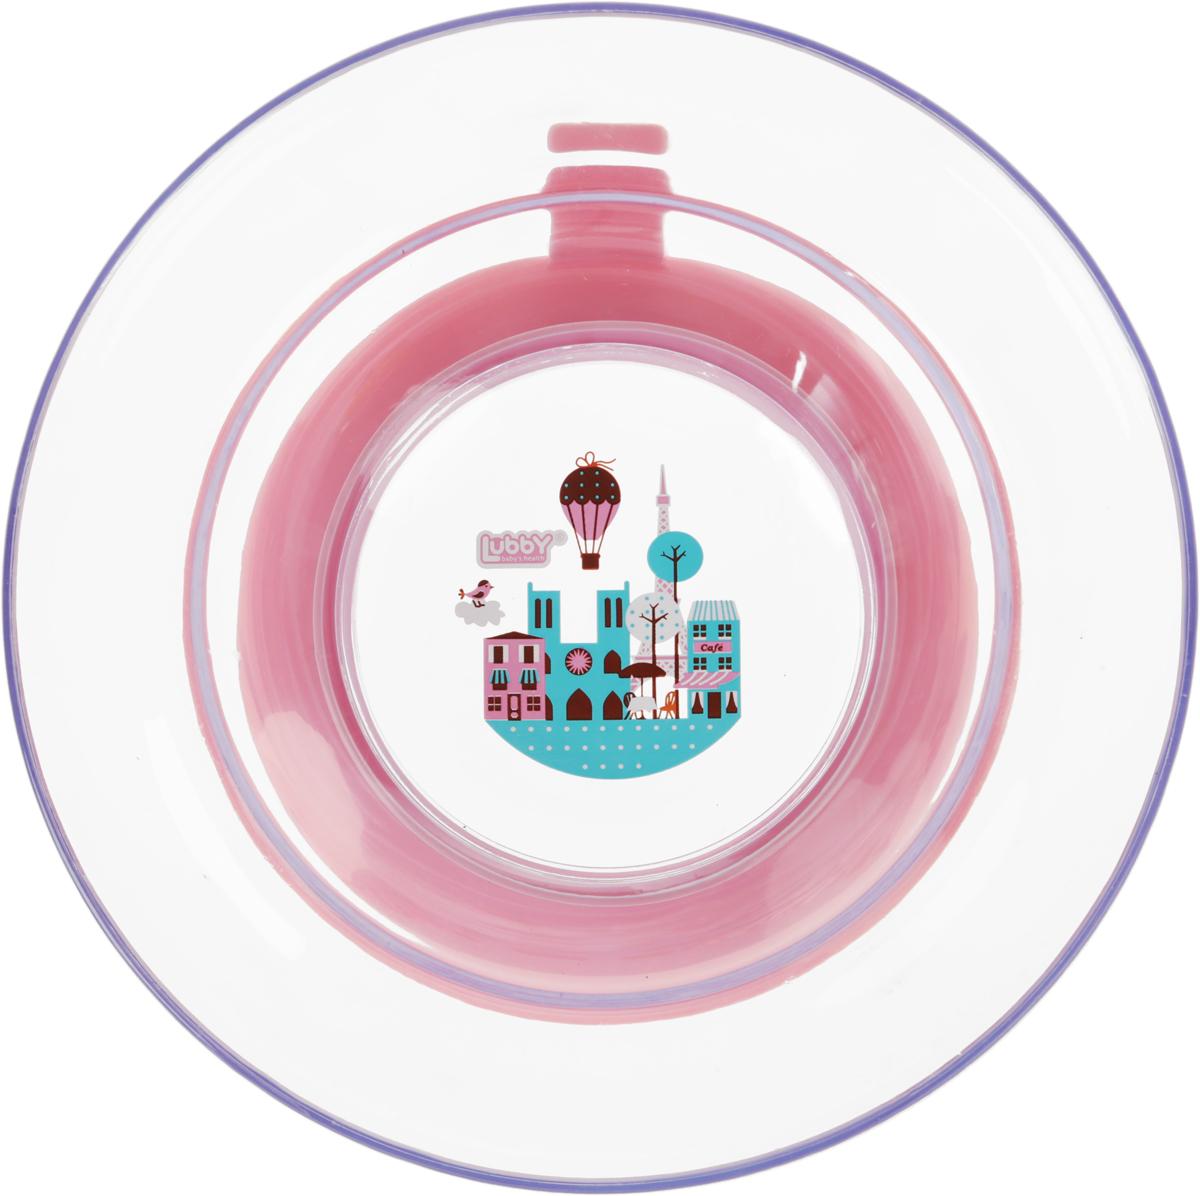 Lubby Тарелка для кормления Любимая с присоской цвет розовый115510Тарелка «Любимая» для кормления незаменима в период, когда Ваш малыш учится есть самостоятельно. Присоска препятствует свободному перемещению тарелки по столу. А яркий дизайн превращает процесс кормления в увлекательную игру. Благодаря высоким бортикам тарелки, пища будет дольше оставаться теплой.